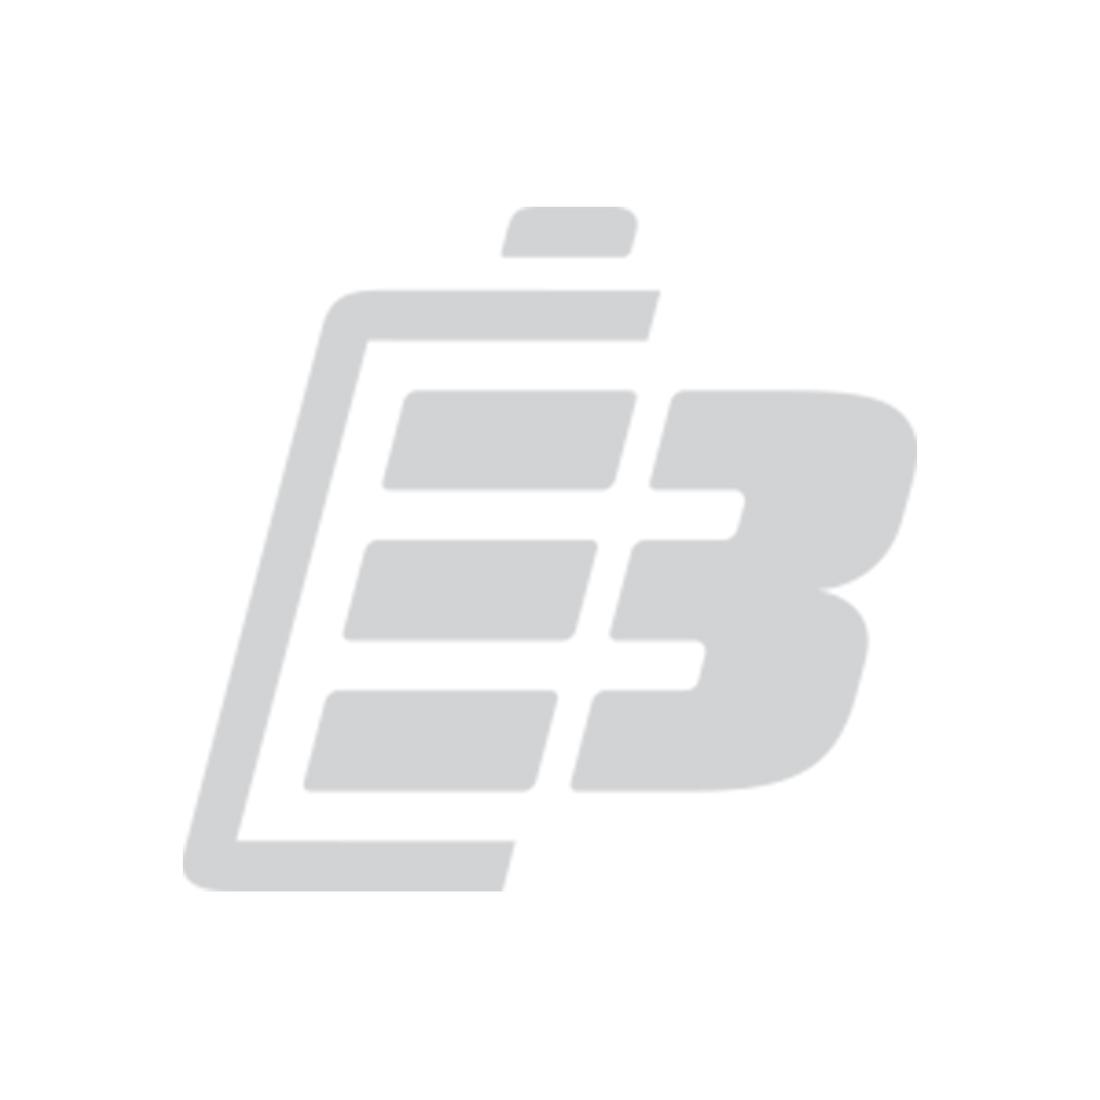 Laptop battery Dell Alienware 15_1